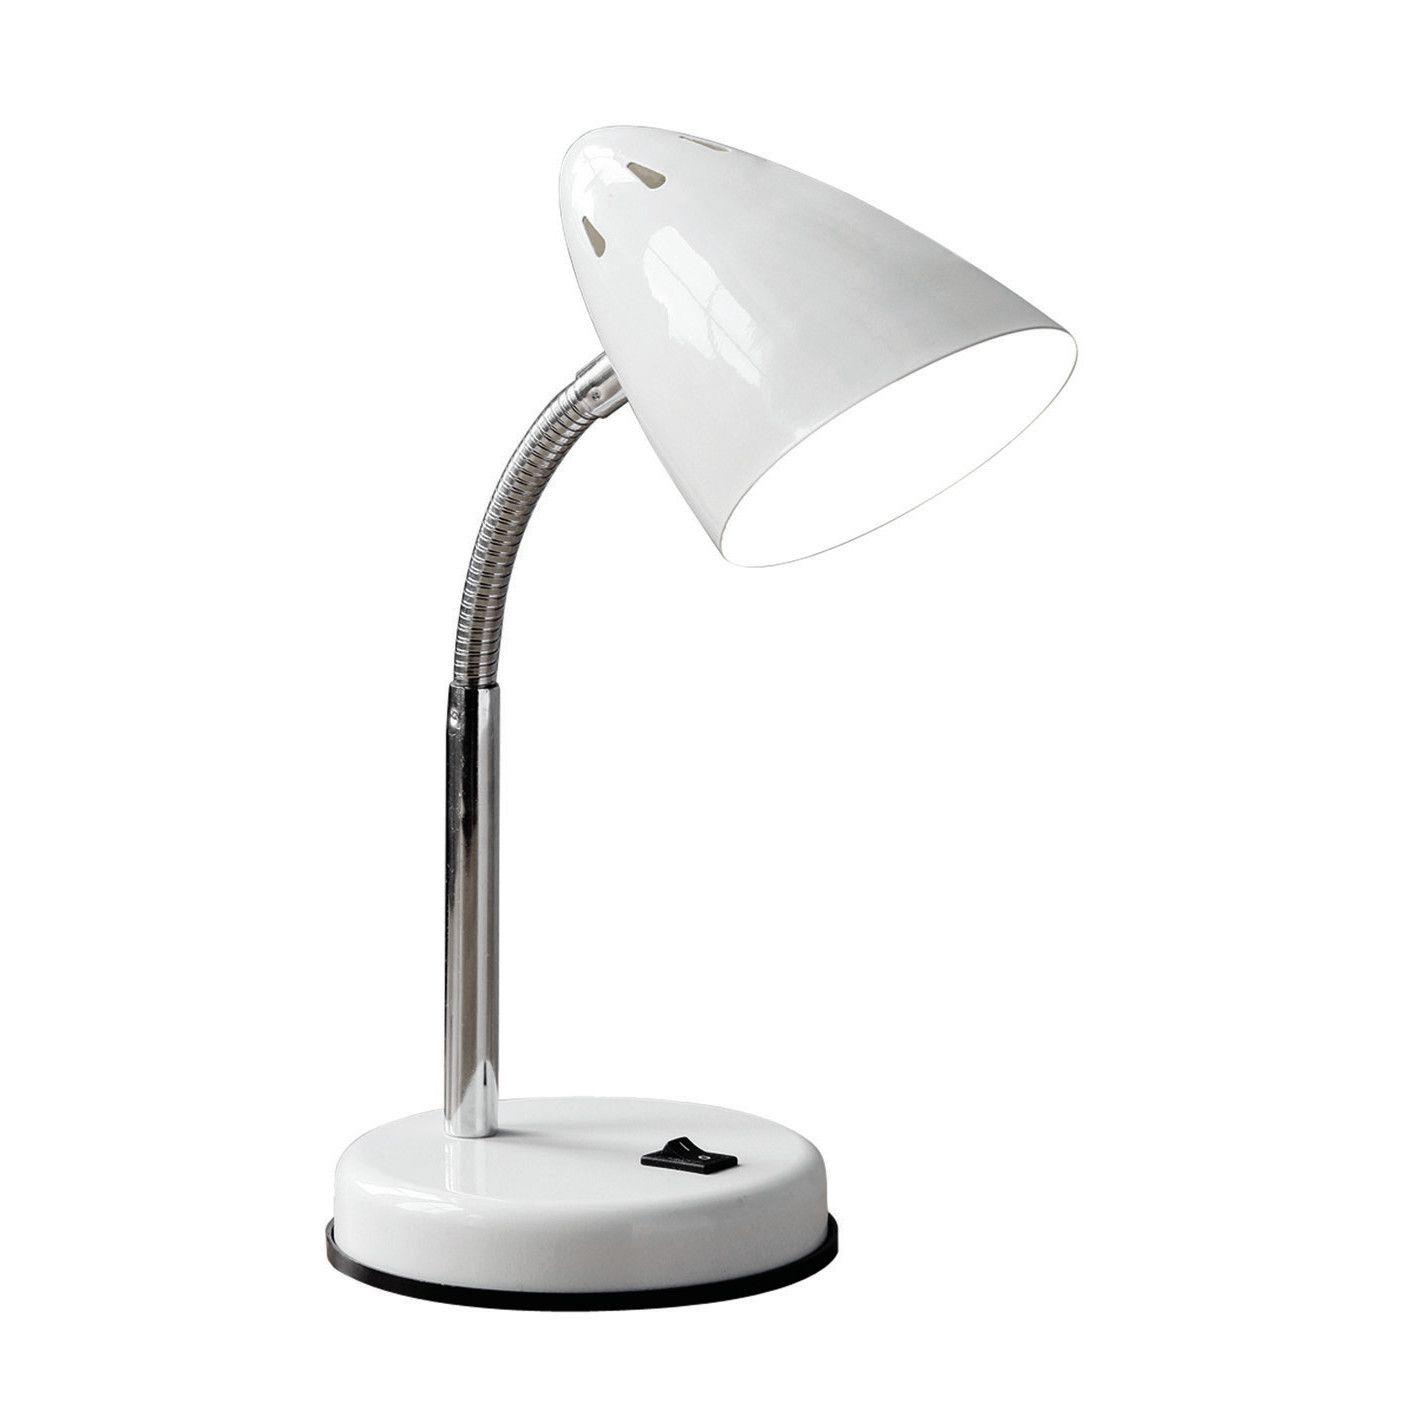 Value by Wayfair Desk Lamp - Value By Wayfair Desk Lamp Kids Rooms Pinterest Desk Lamp